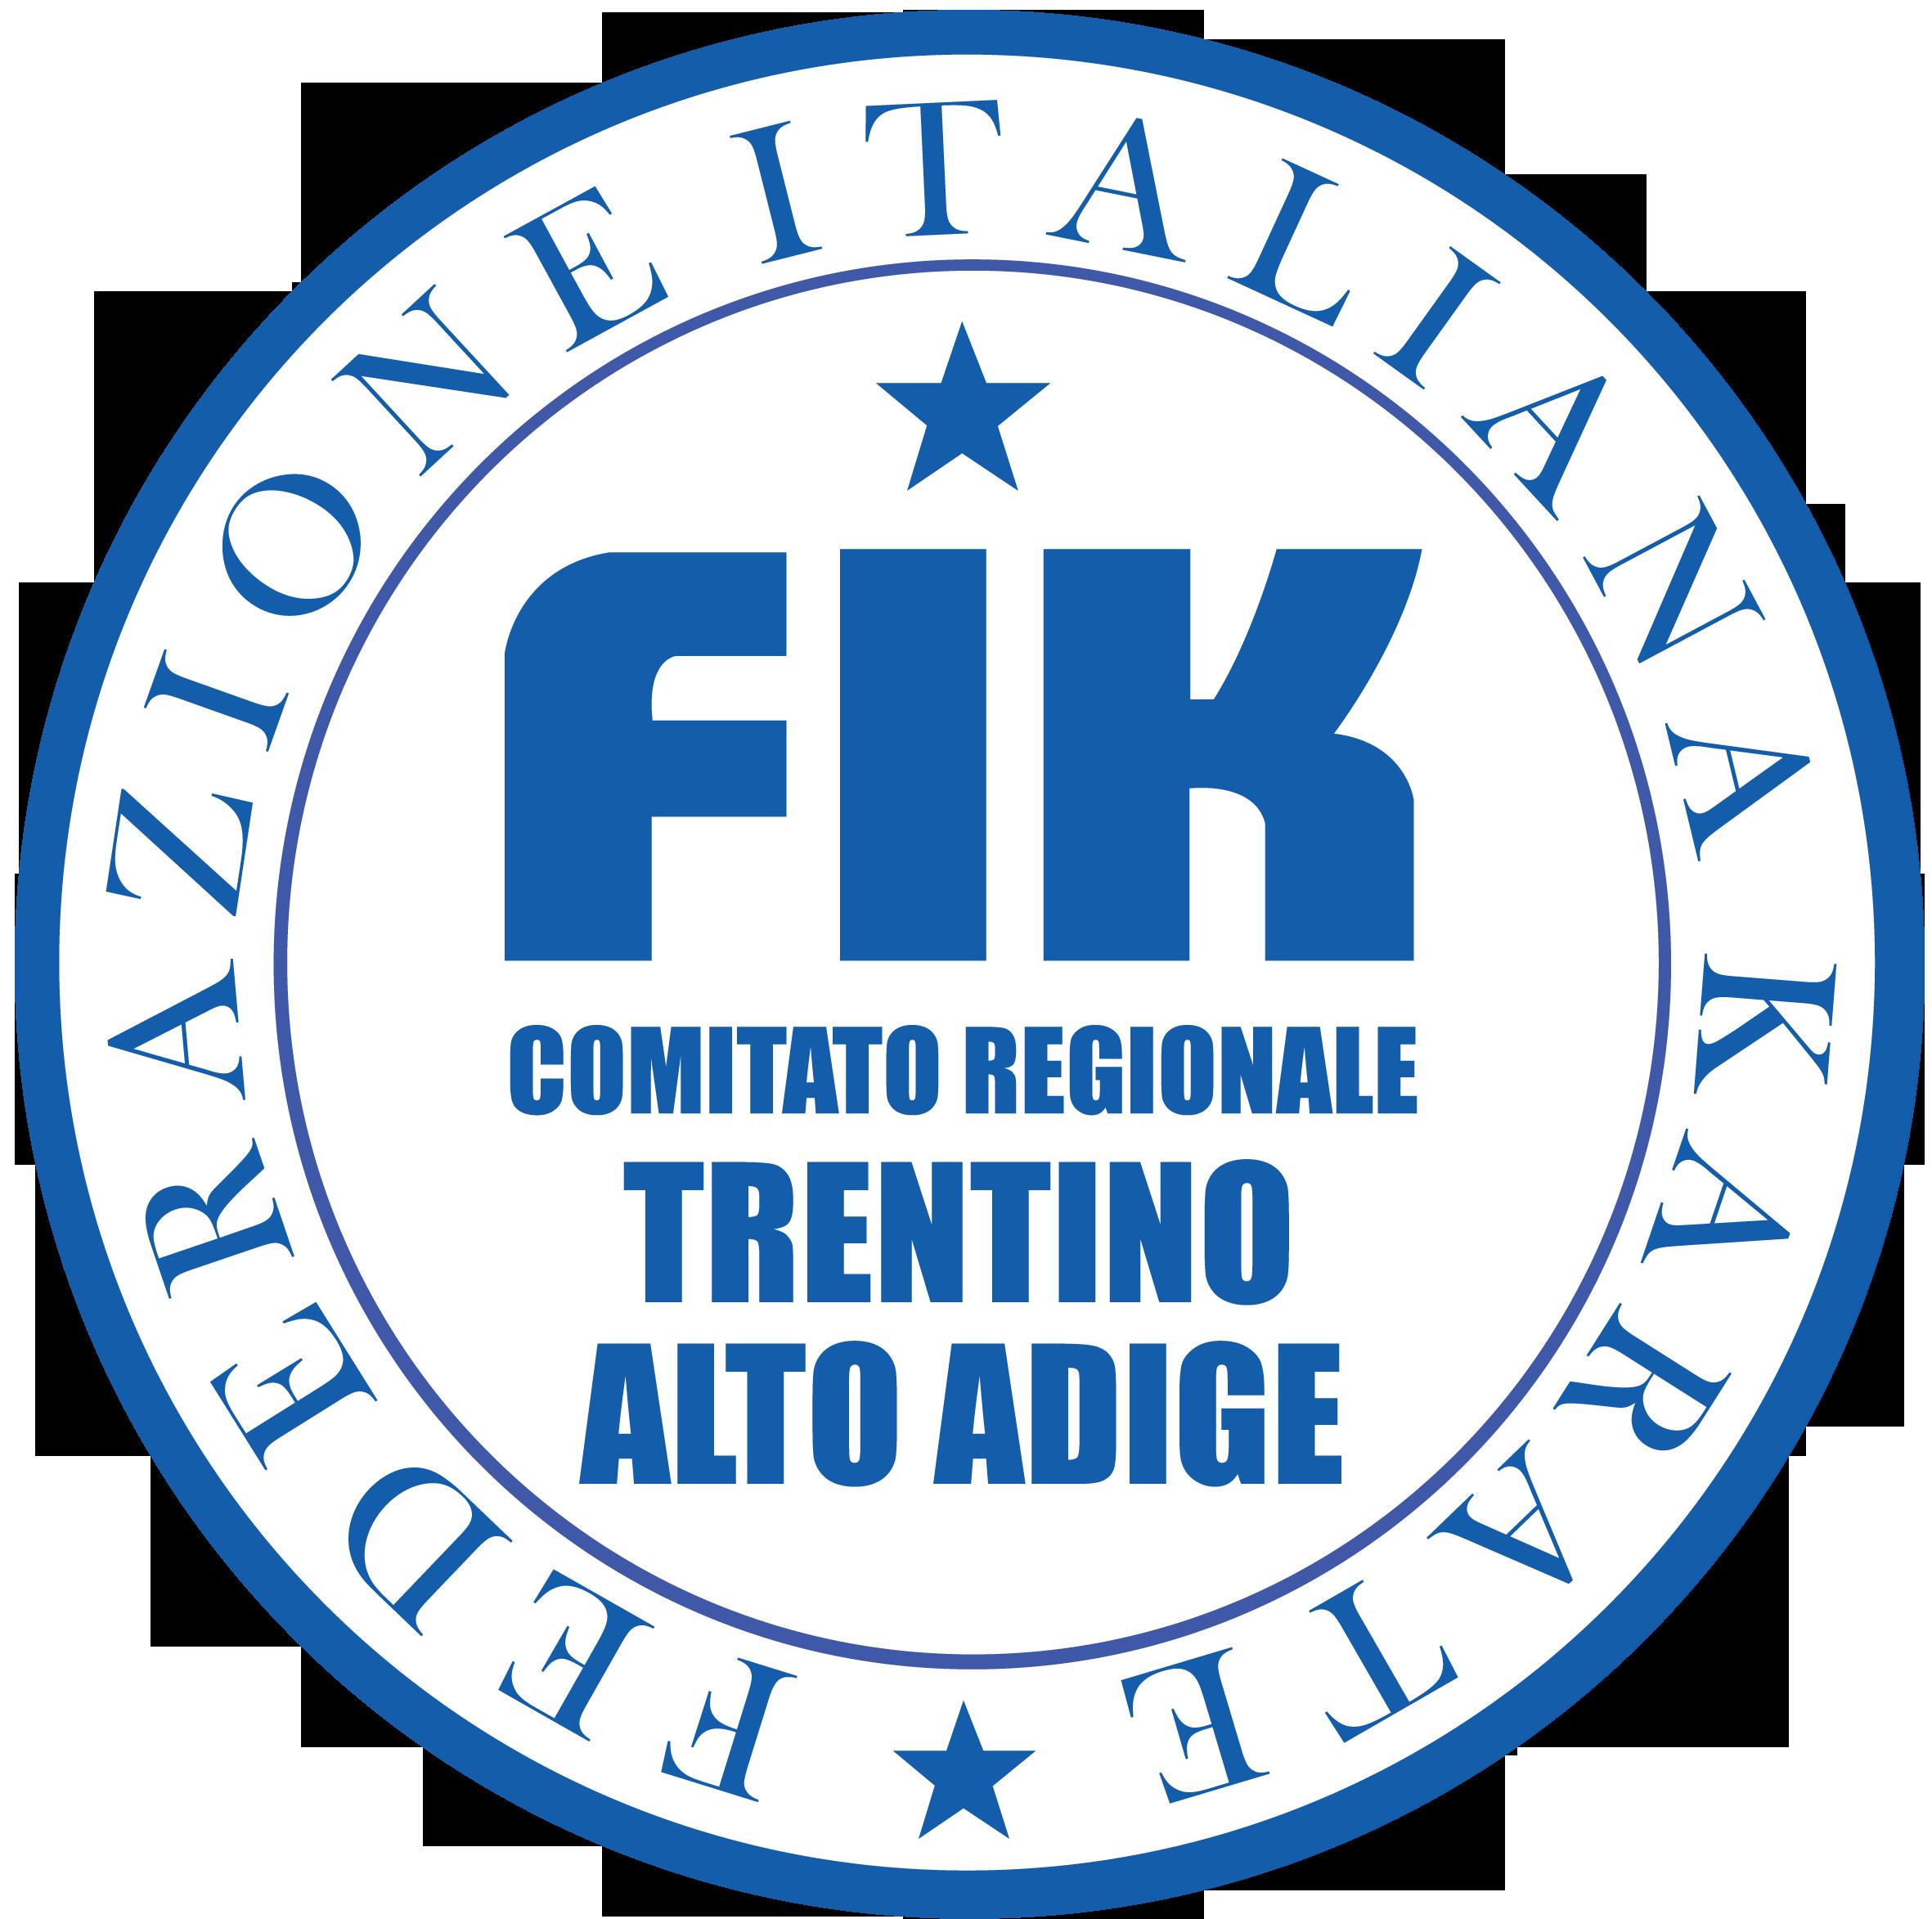 Comitato Regionale Trentino Alto Adige